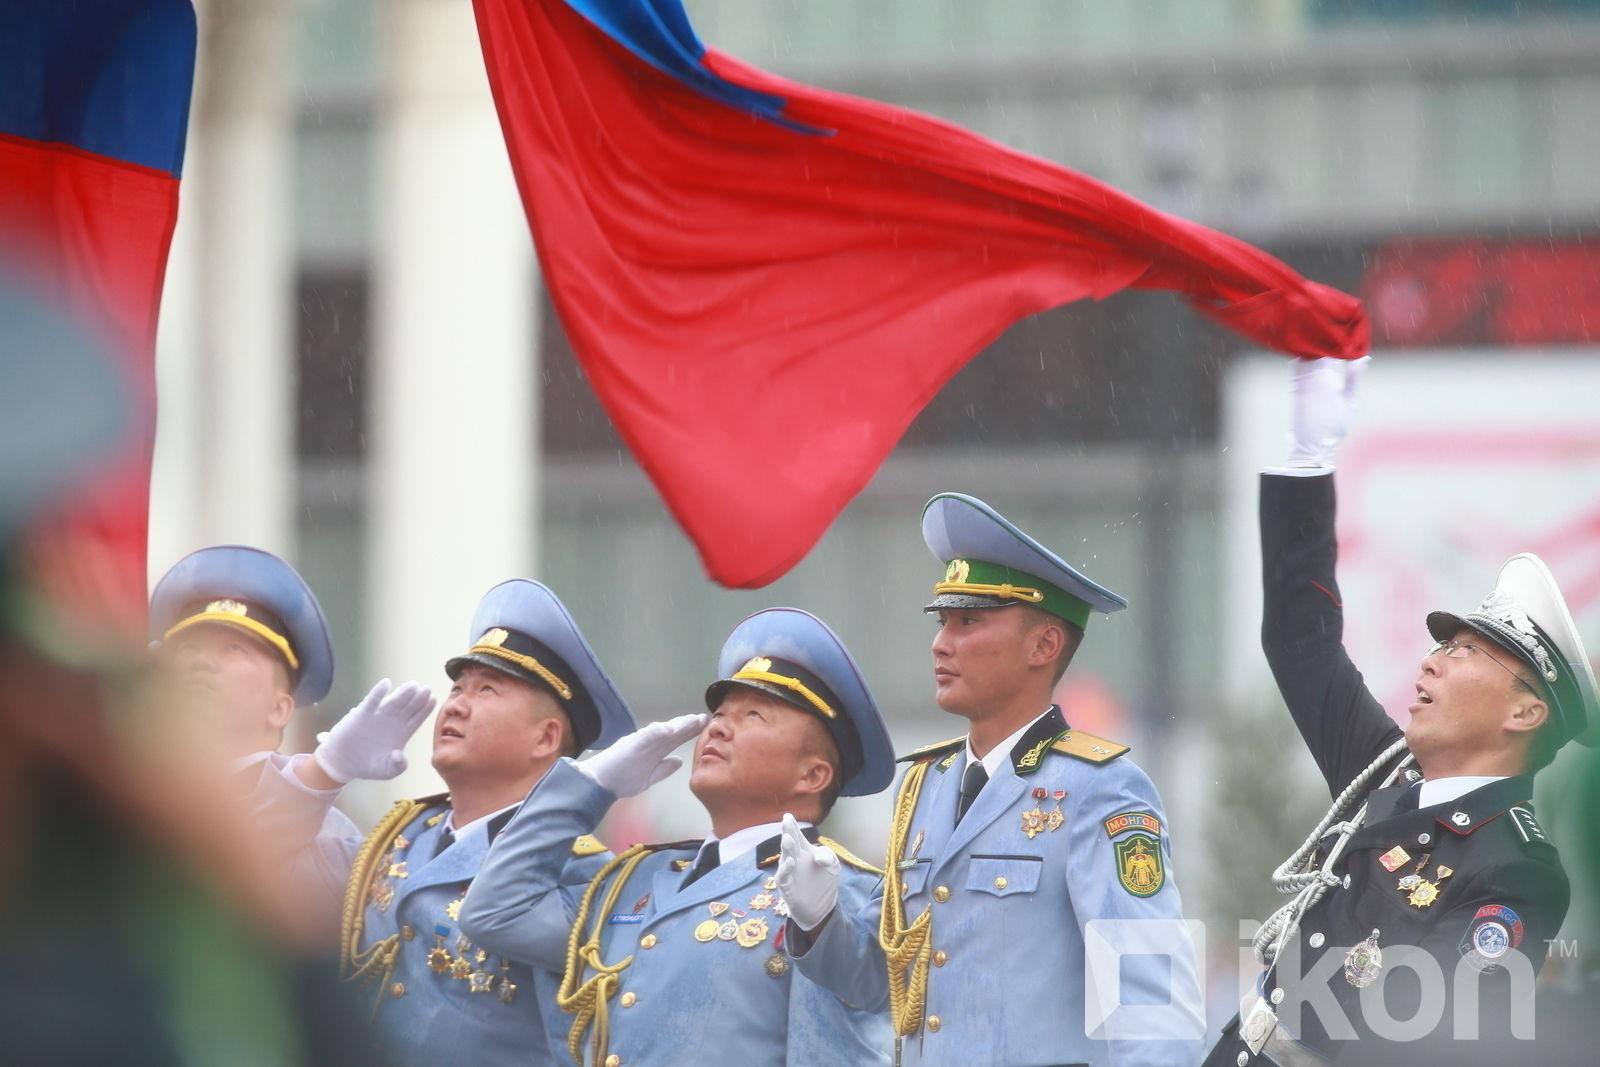 Военный парад в Монголии в честь Дня народной революции 1921 года